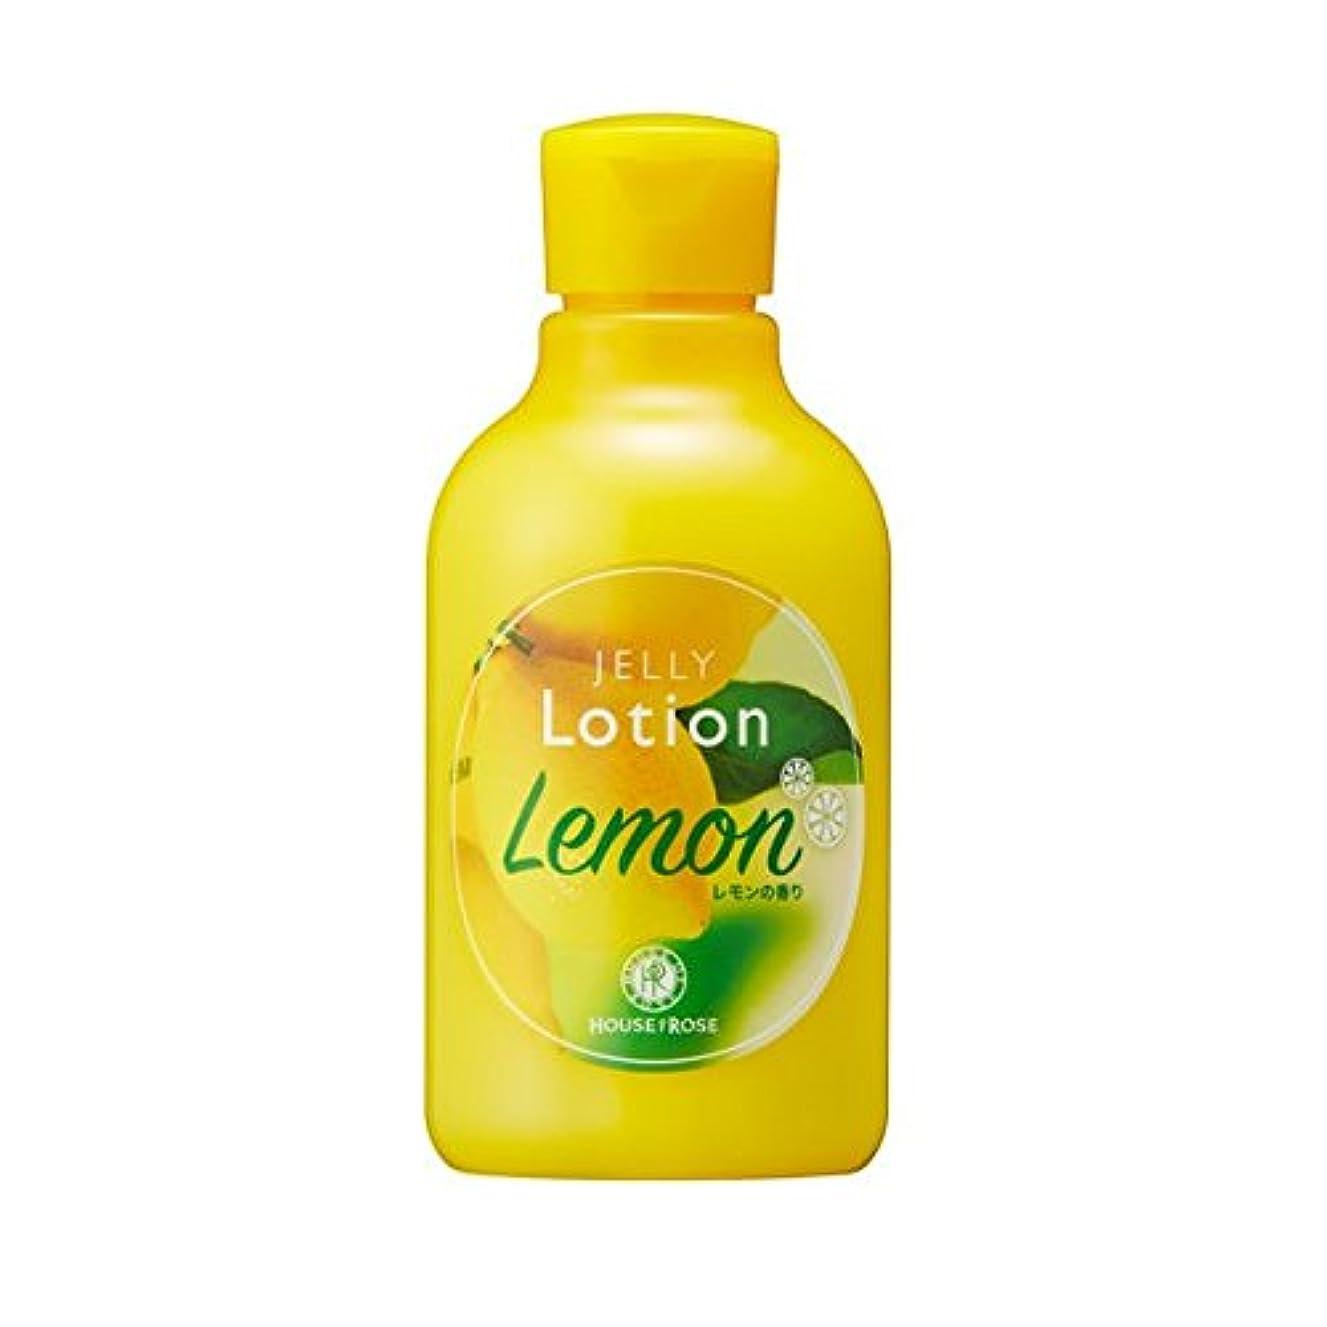 パックご意見パールHOUSE OF ROSE(ハウスオブローゼ) ハウスオブローゼ/ジェリーローション LM(レモンの香り)200mL